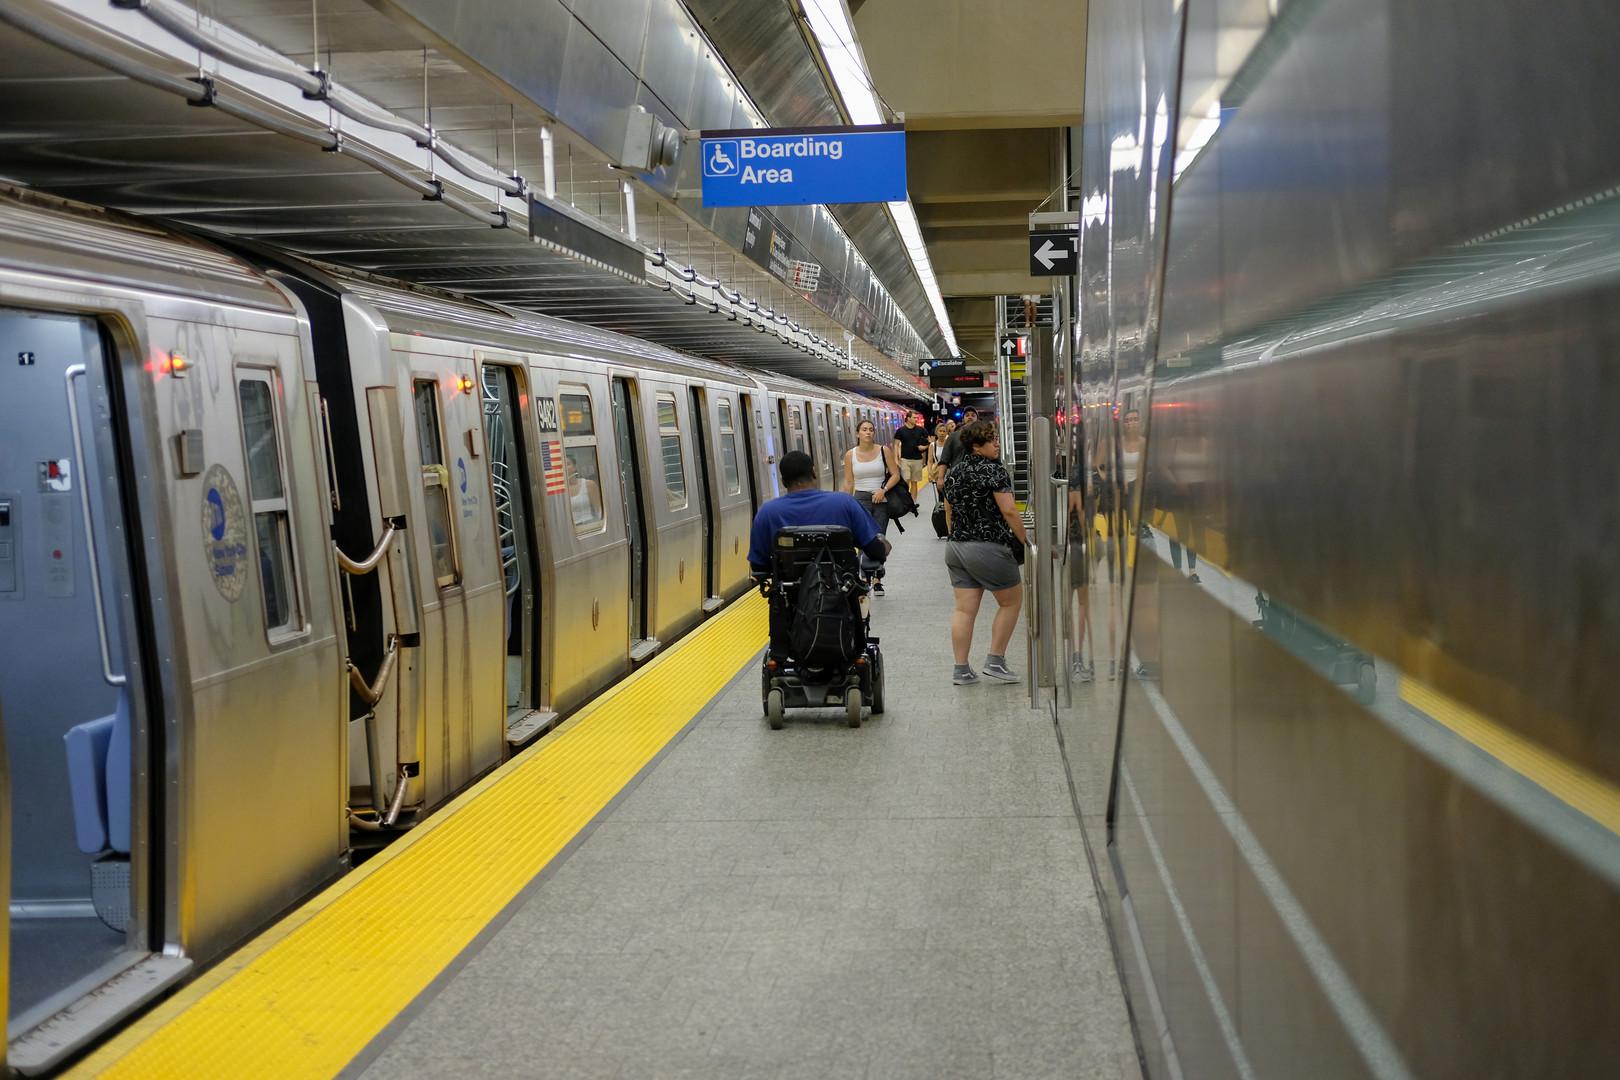 افتتاح محطة المترو المدمرة في أحداث 11 سبتمبر بنيويورك